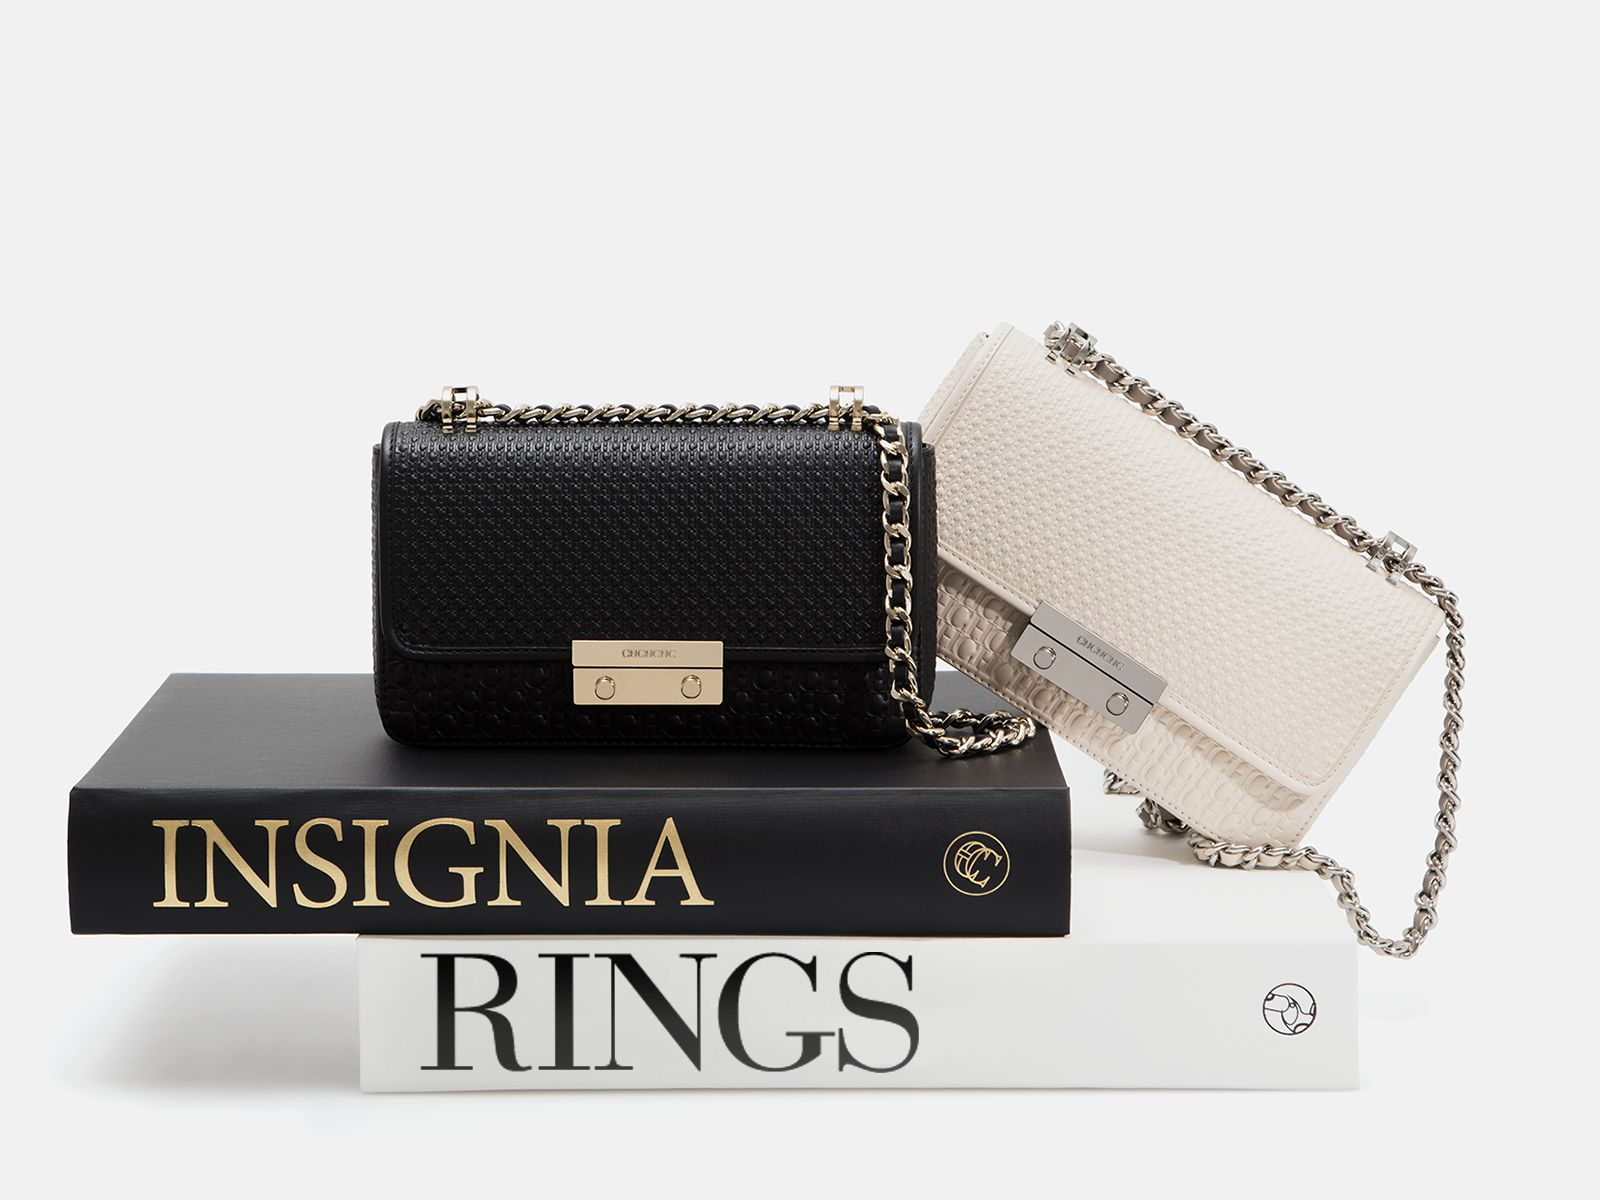 Insignia Mini Rings | Small cross body bag